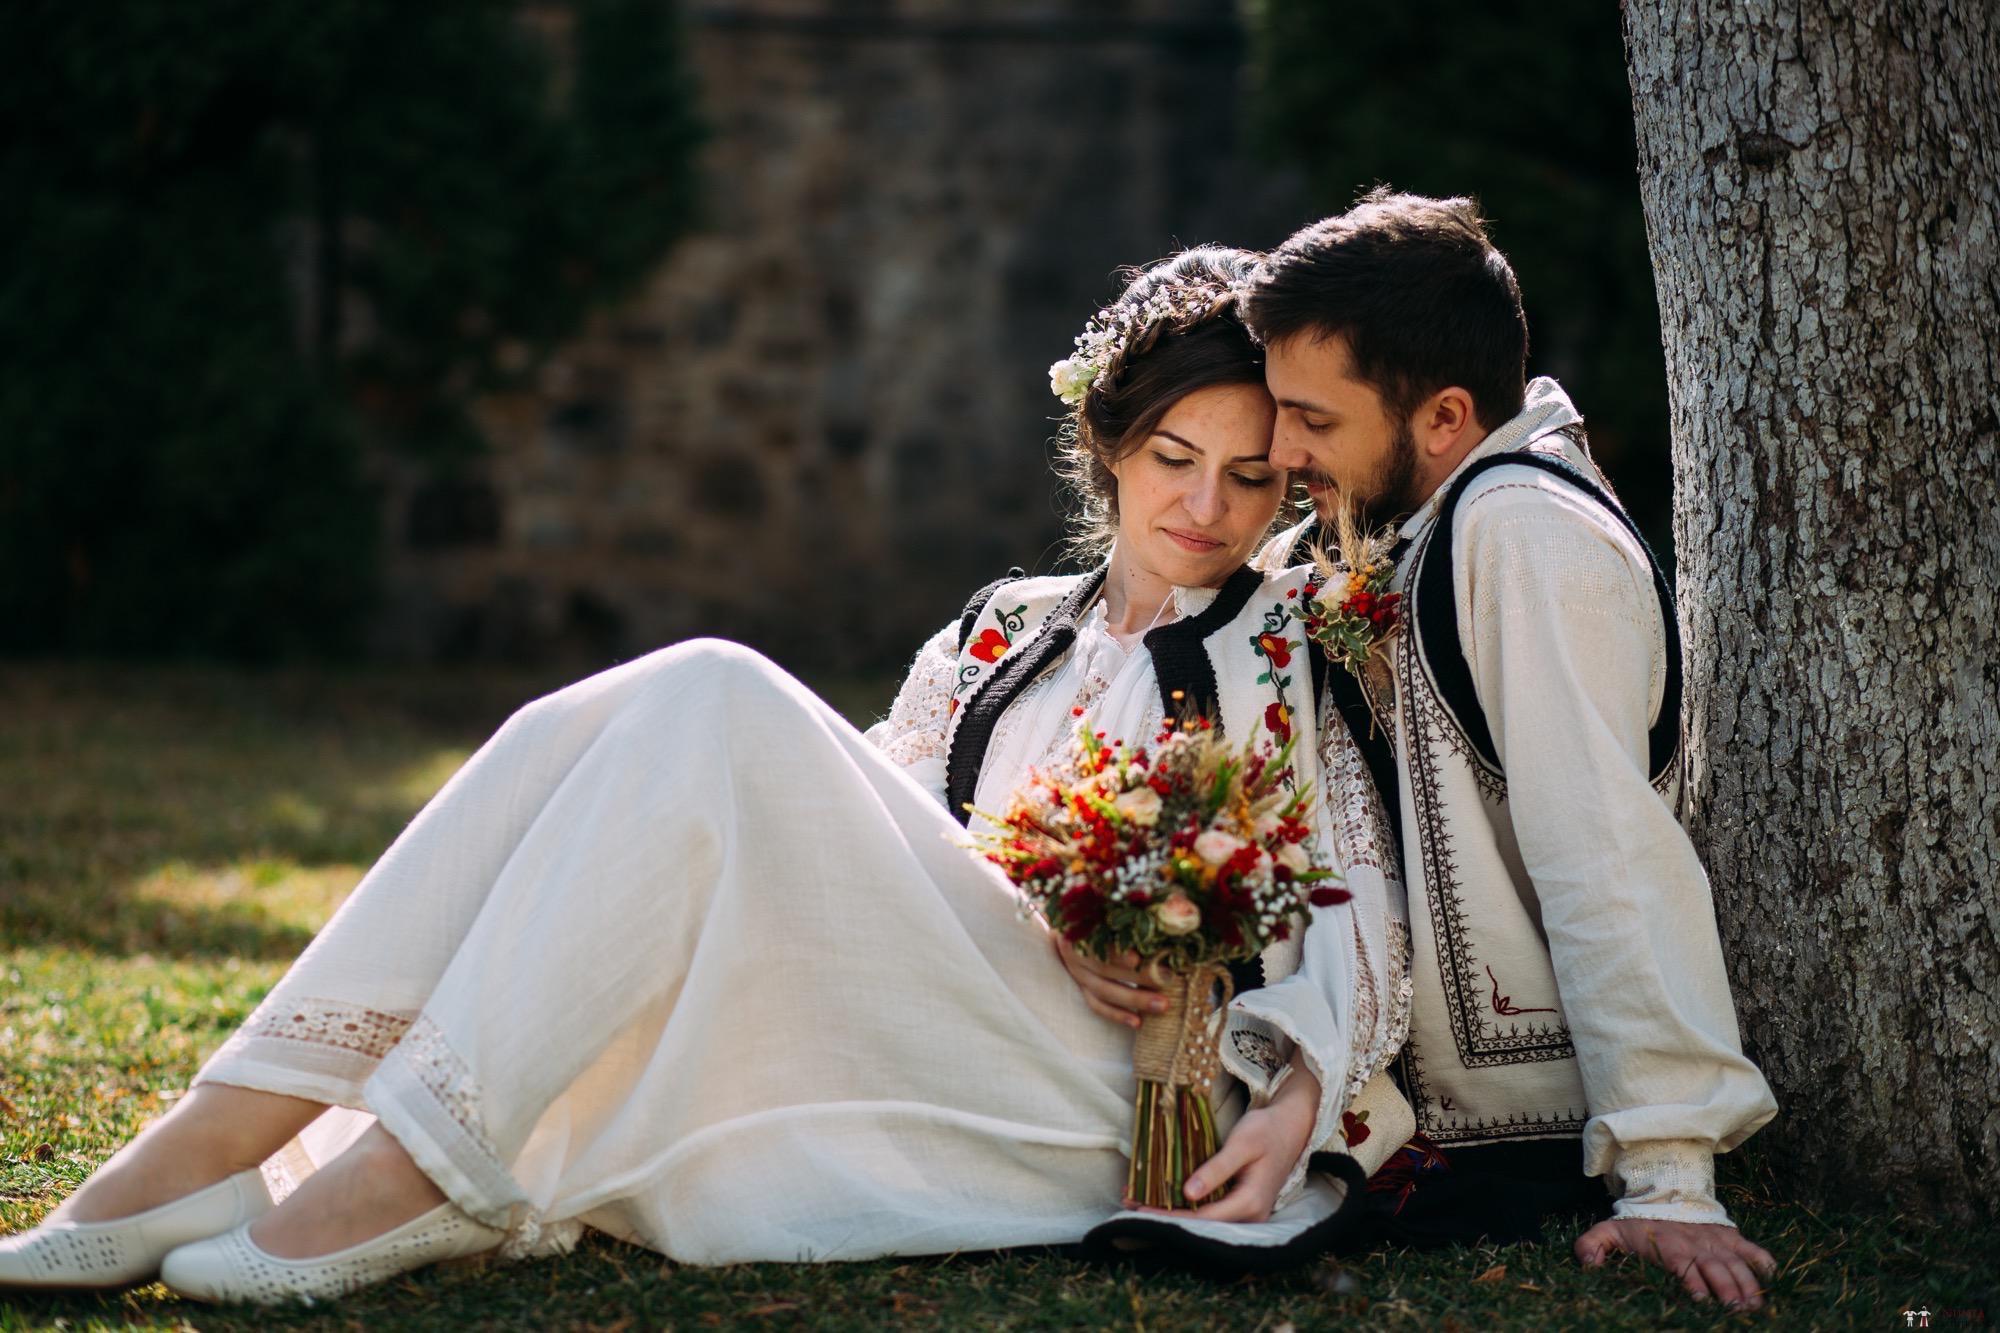 Povești Nunți Tradiționale - Gabriela și Adrian. Nuntă tradițională în Piatra Neamț 7